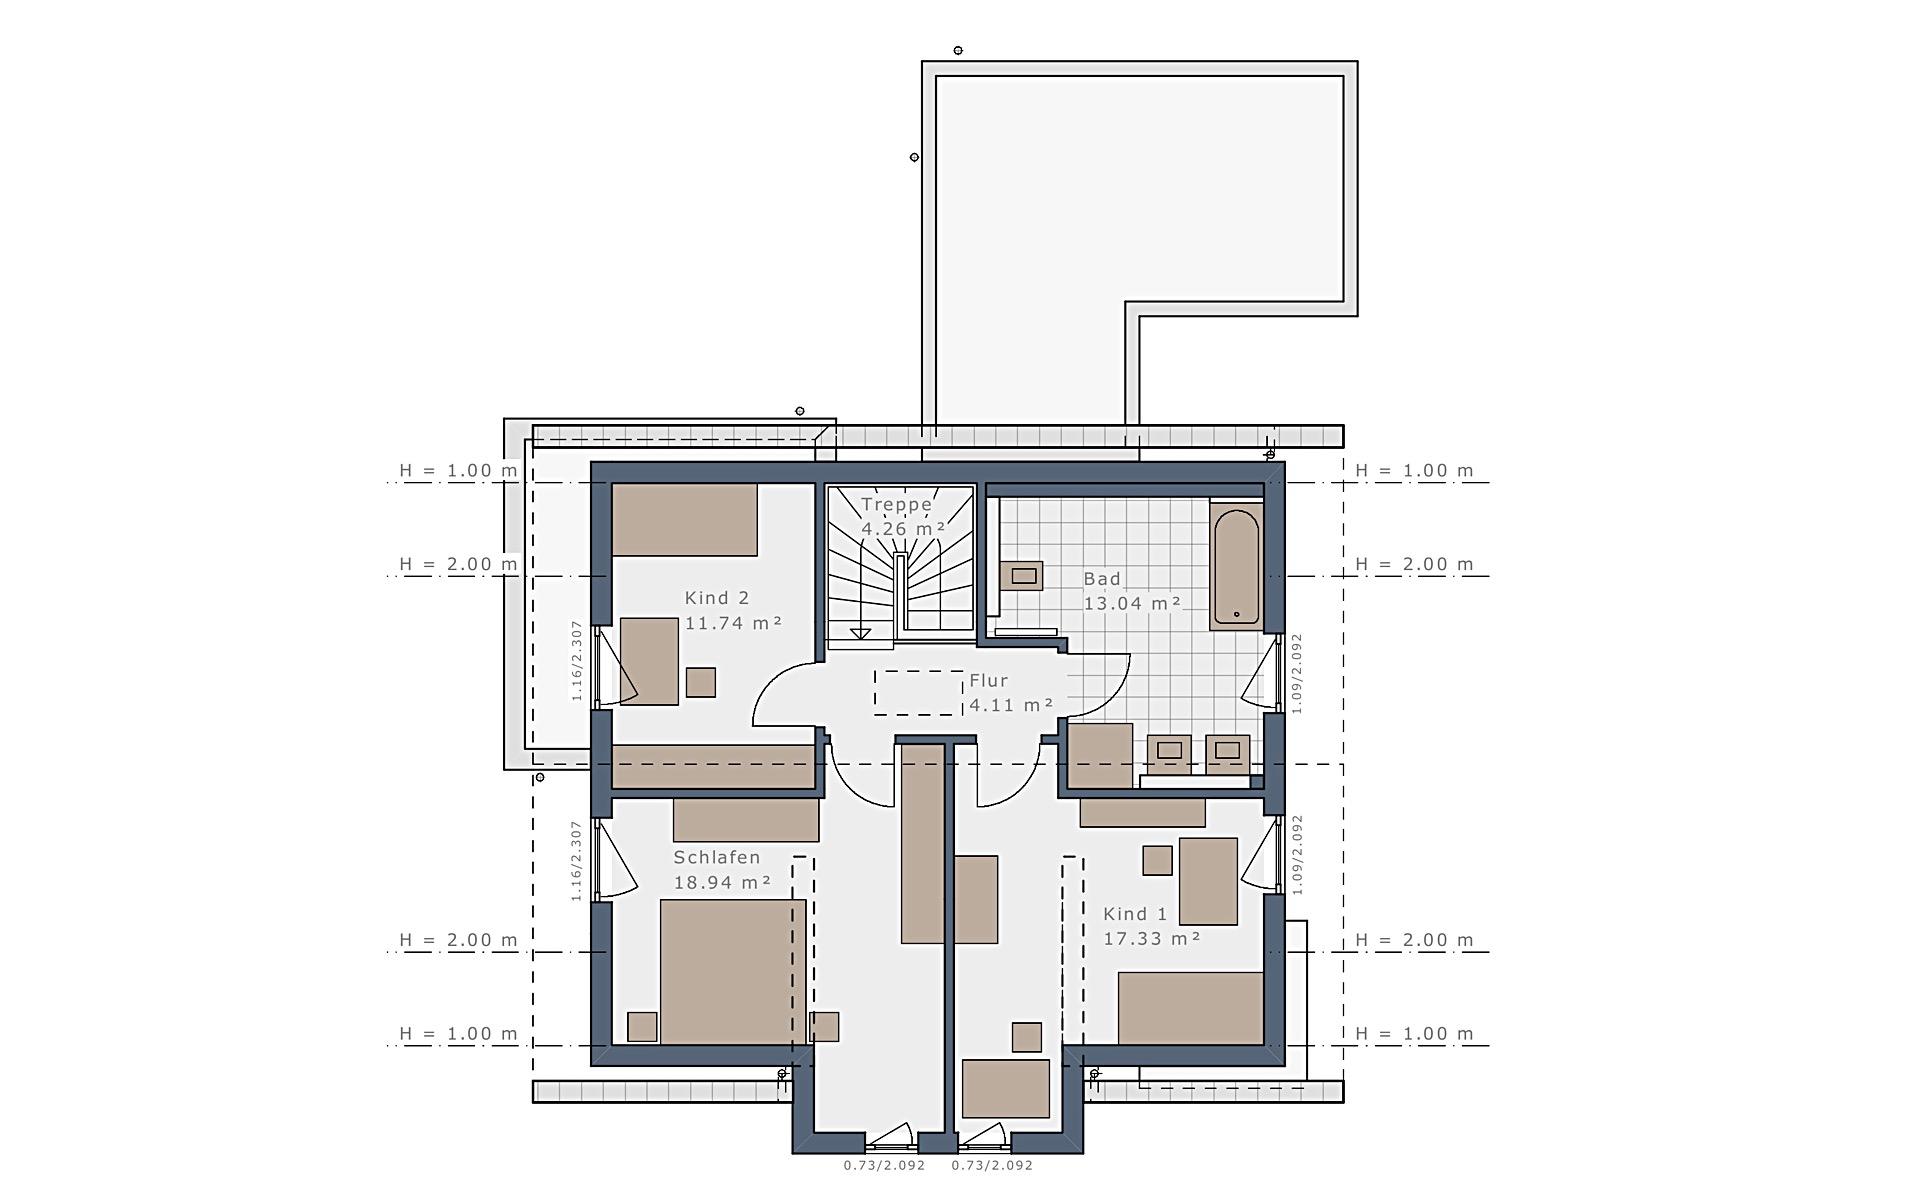 Dachgeschoss Sensation-E-132 E3 von Schwabenhaus GmbH & Co. KG